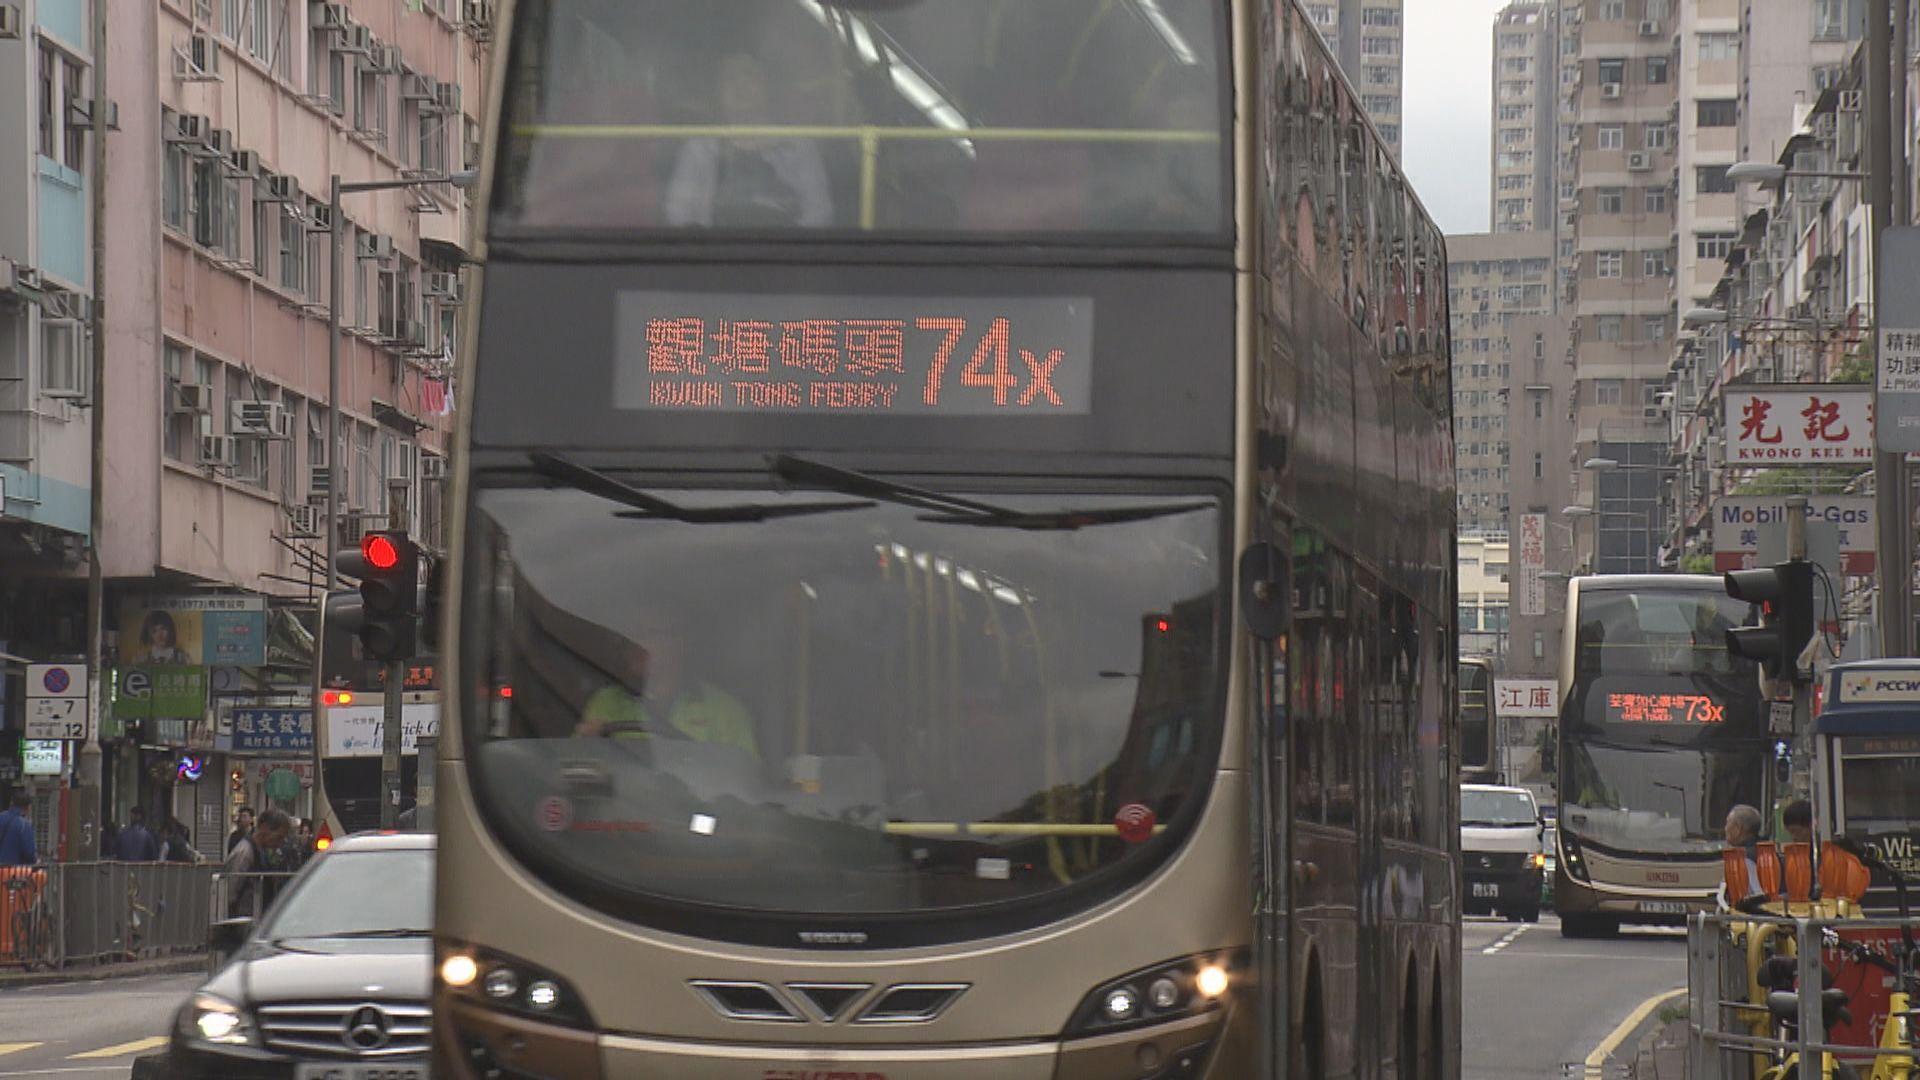 田北辰促請運輸署加強監管巴士班次